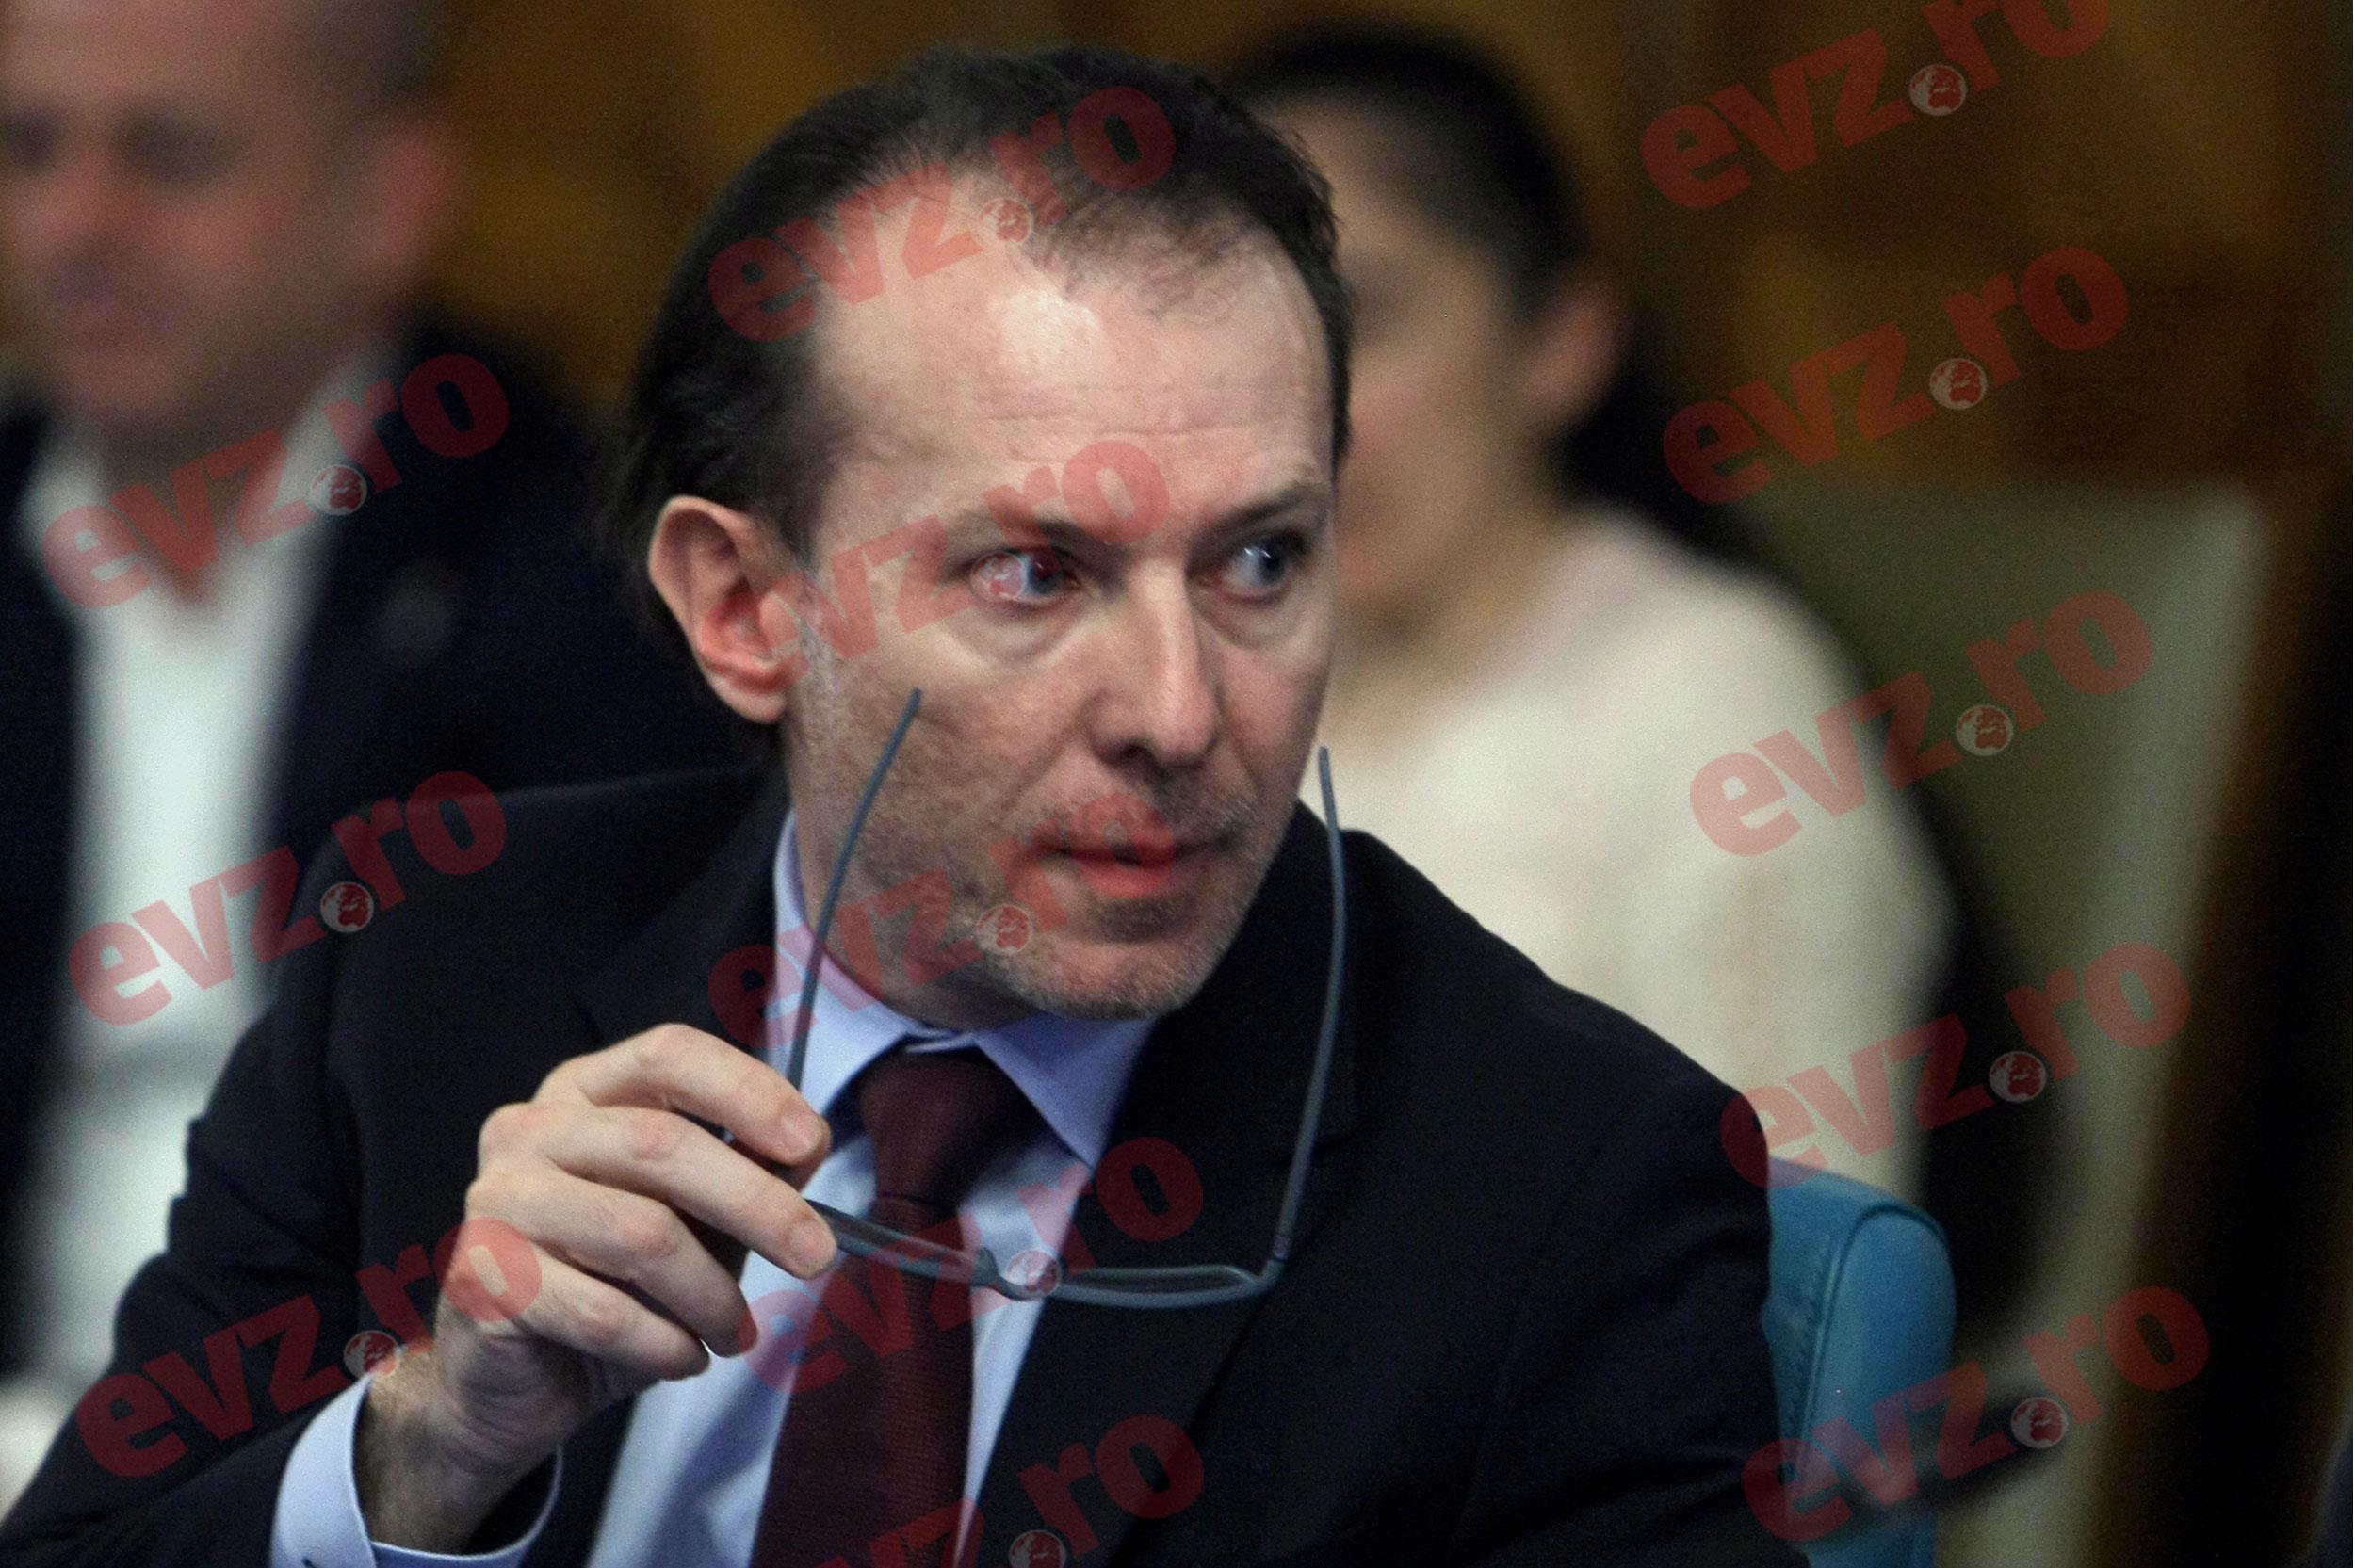 Vosganian îl pune pe Florin Cîțu pe lista indezirabililor